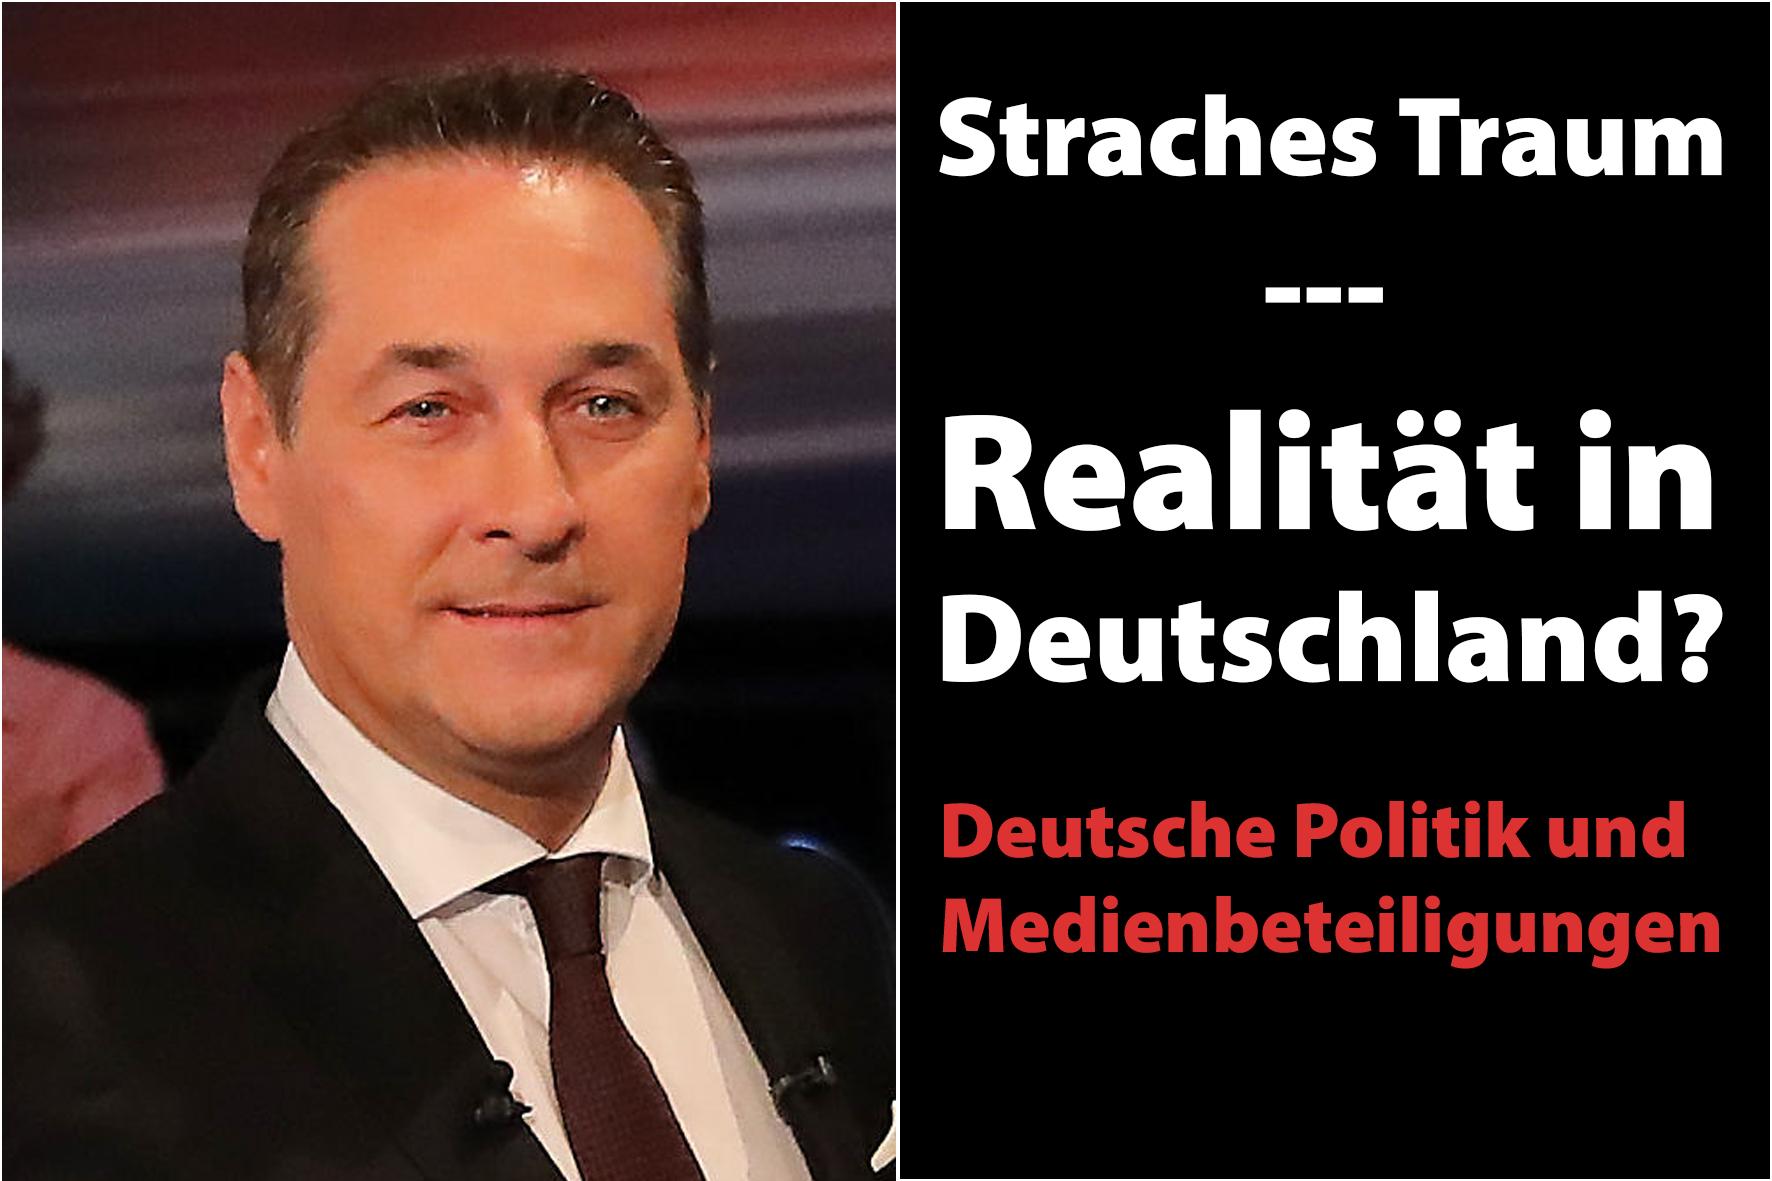 Straches Traum Deutsche Politik und Medien